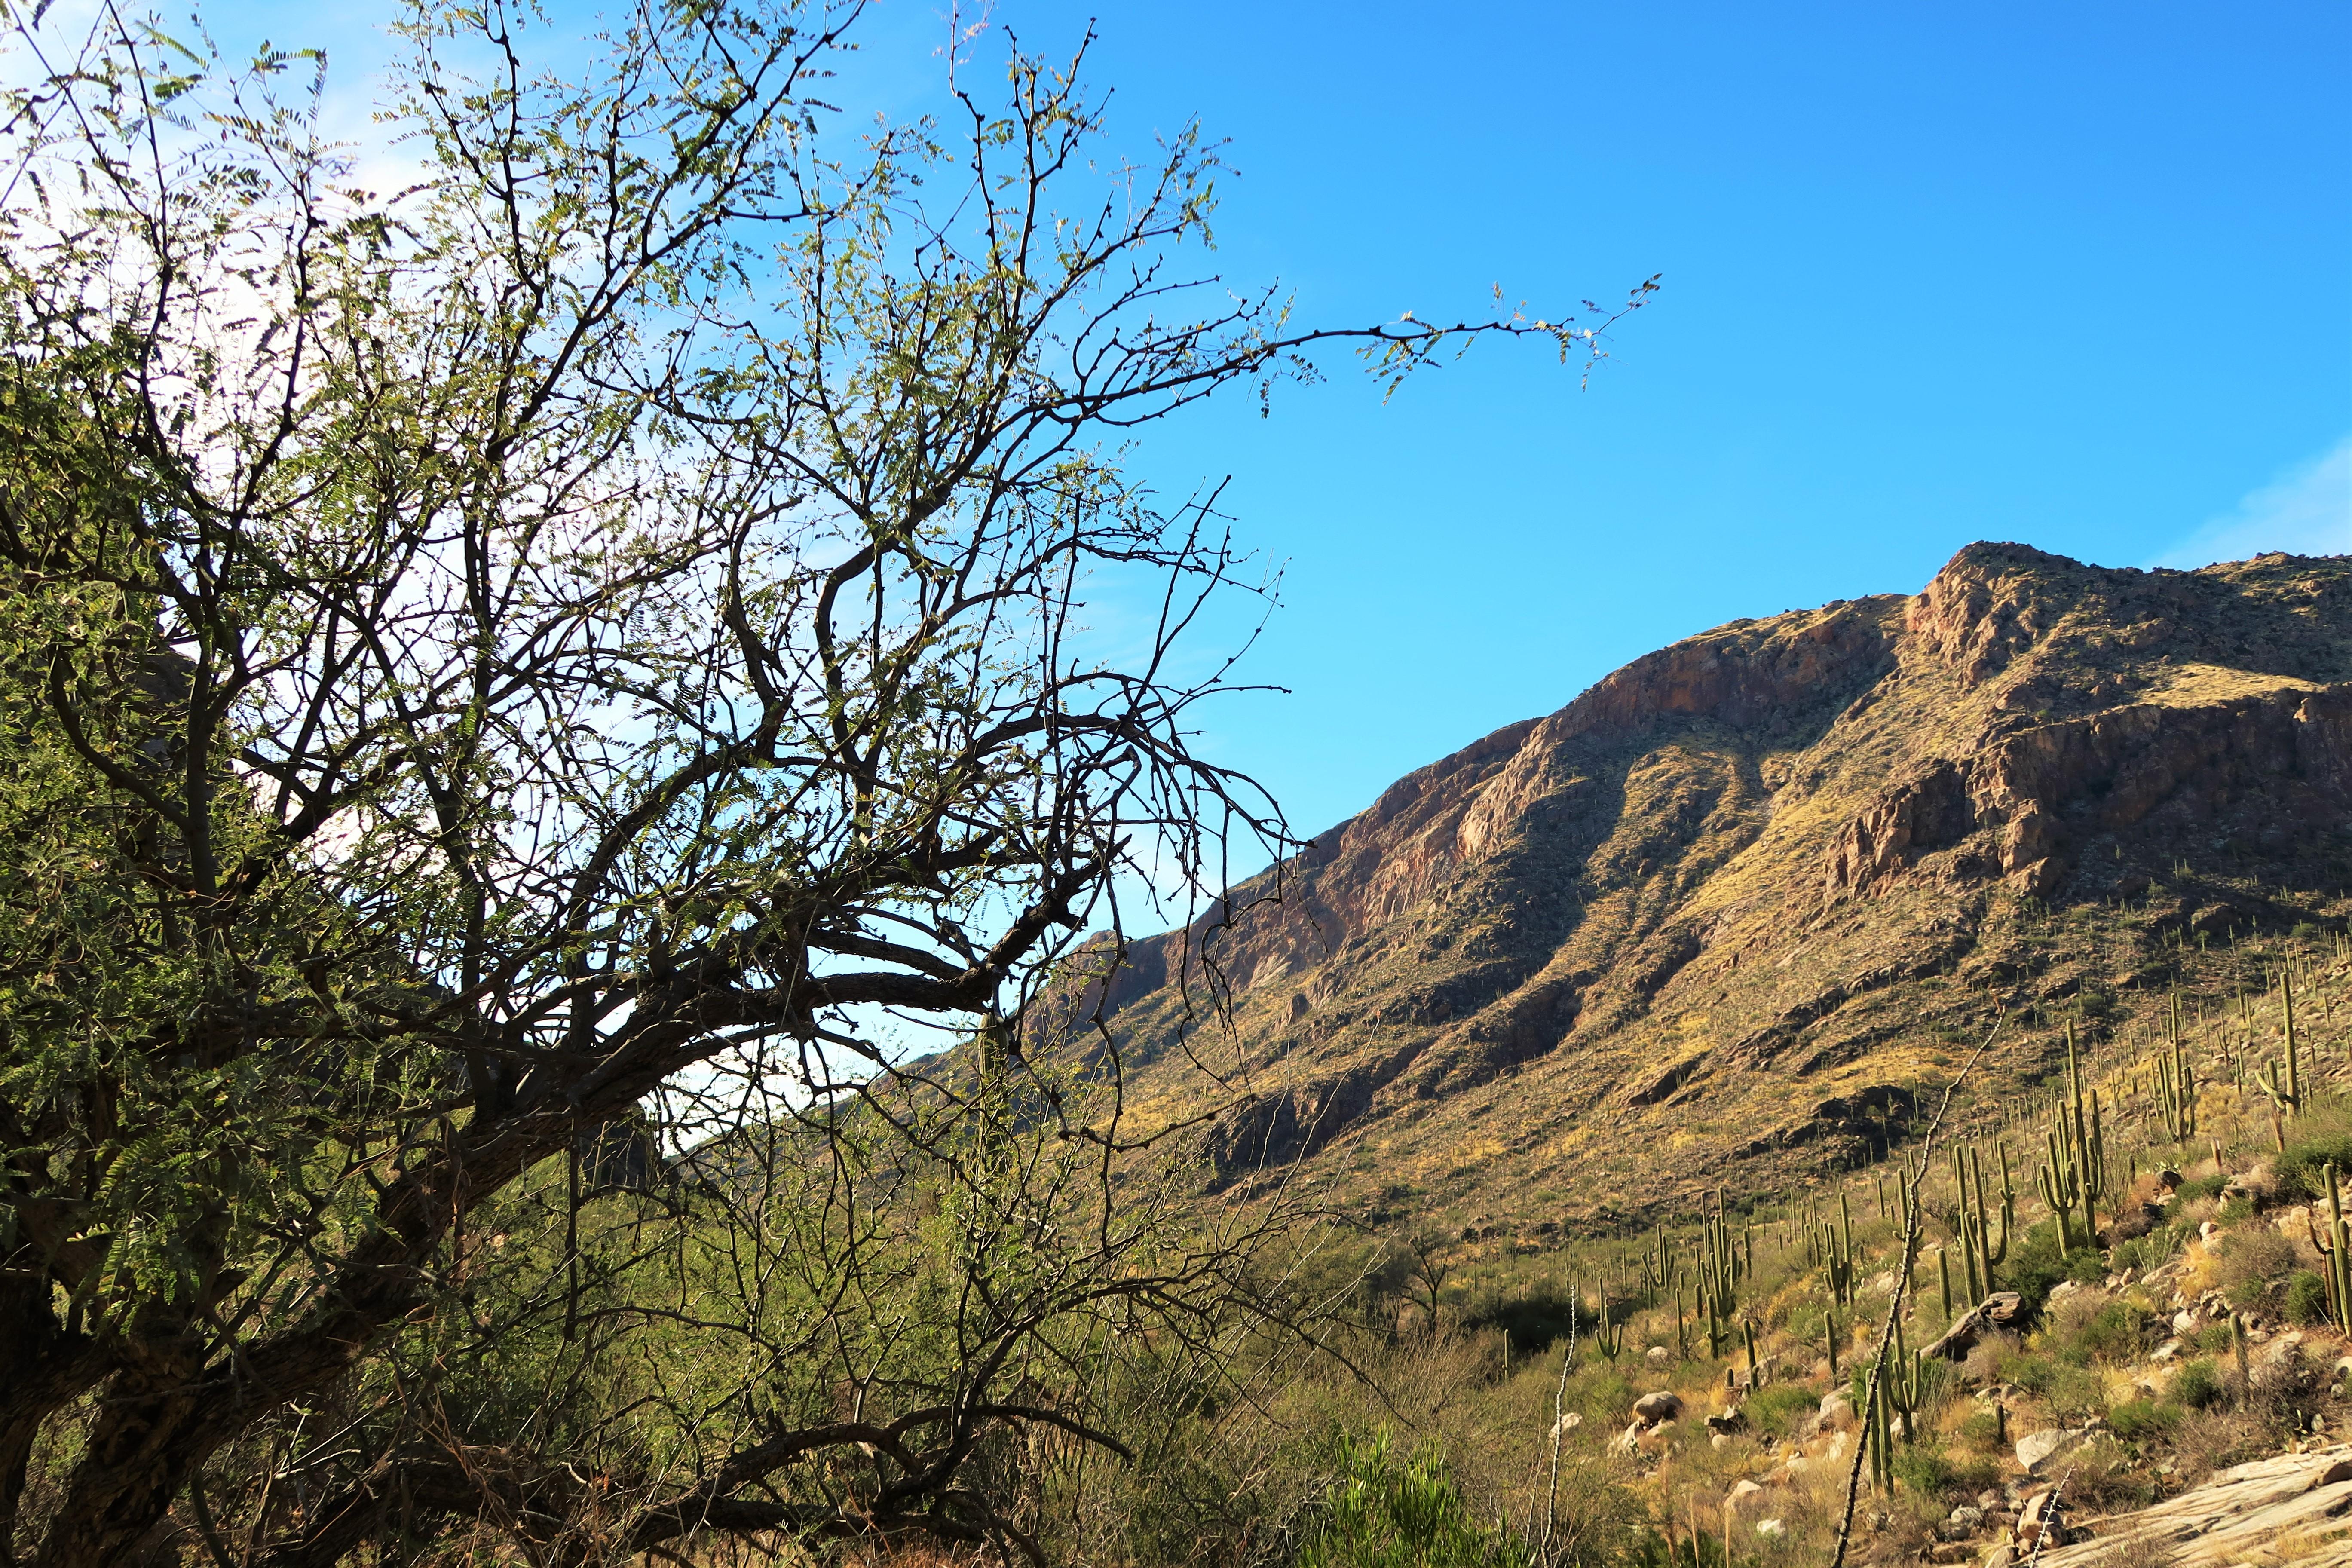 Santa Catalina mountains Tucson Arizona